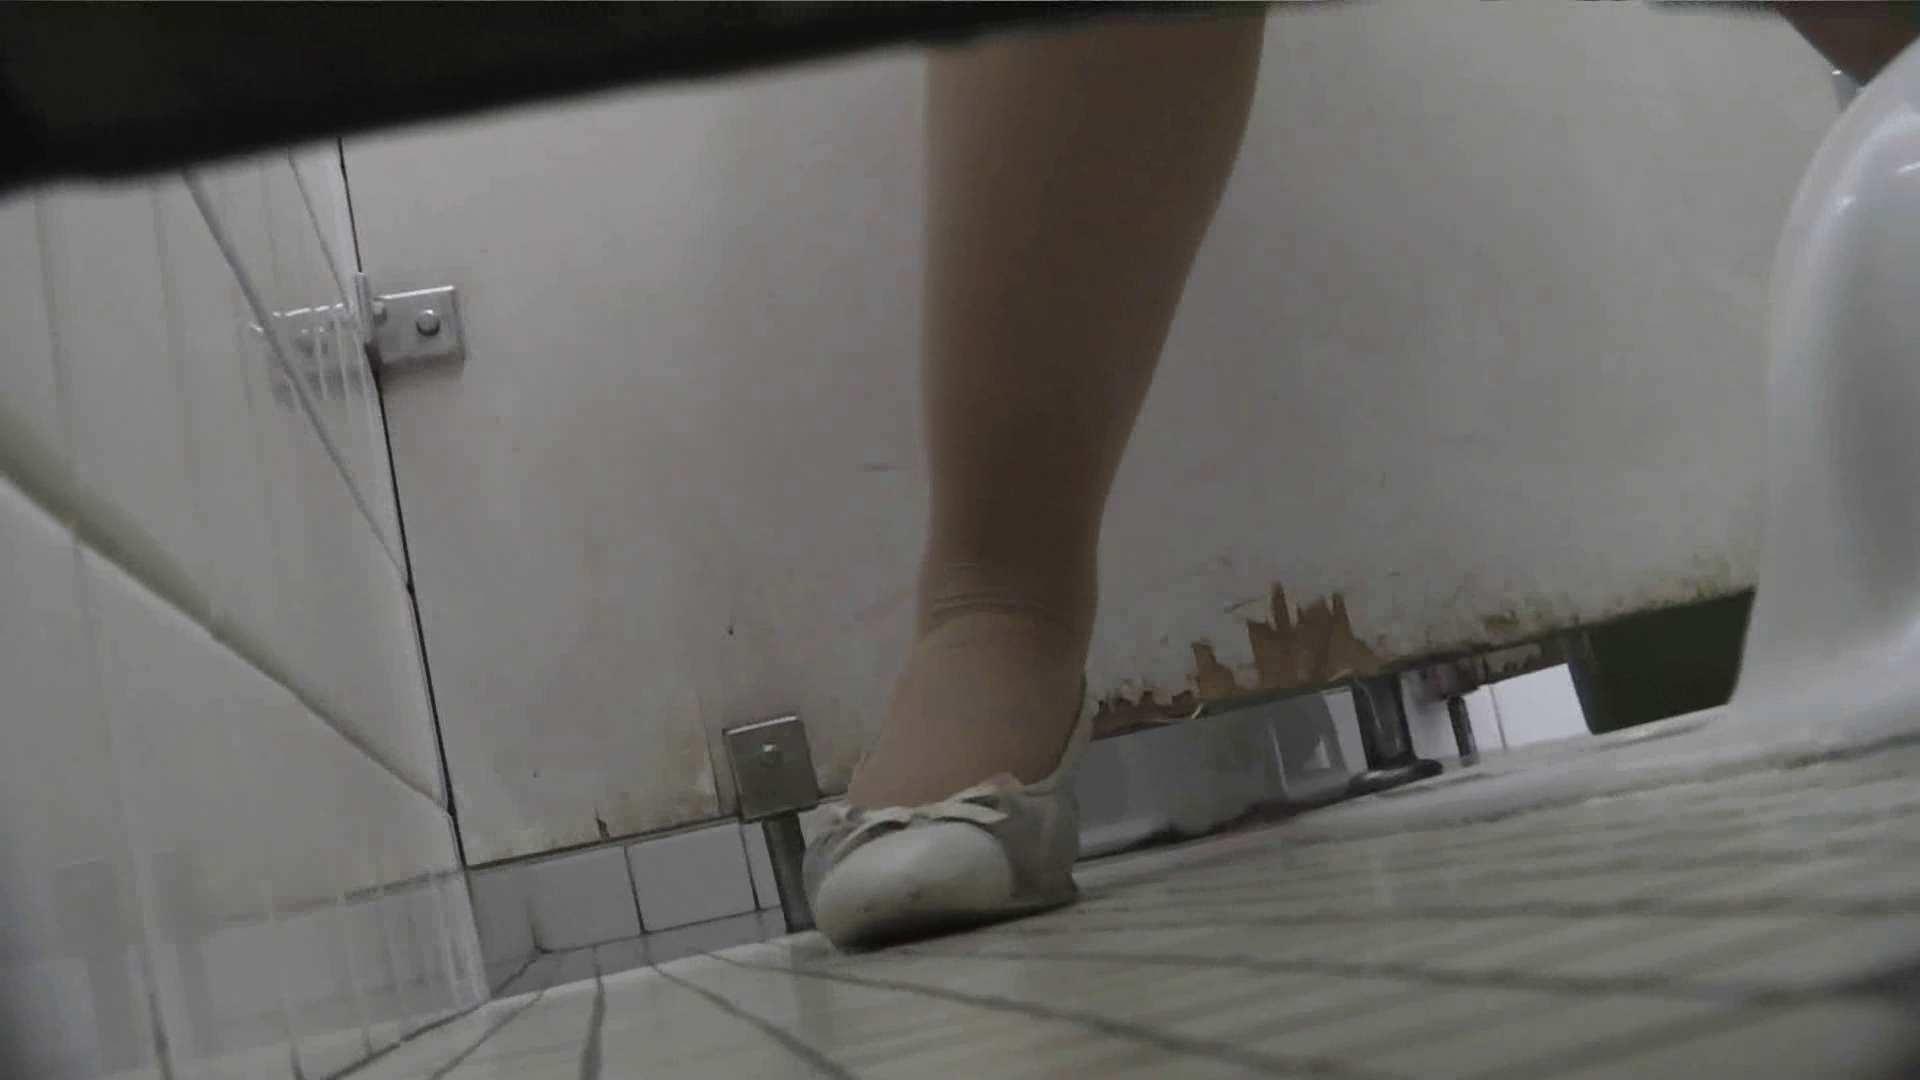 【美しき個室な世界】 vol.018 ピンクのおネエタン 洗面所  82pic 73